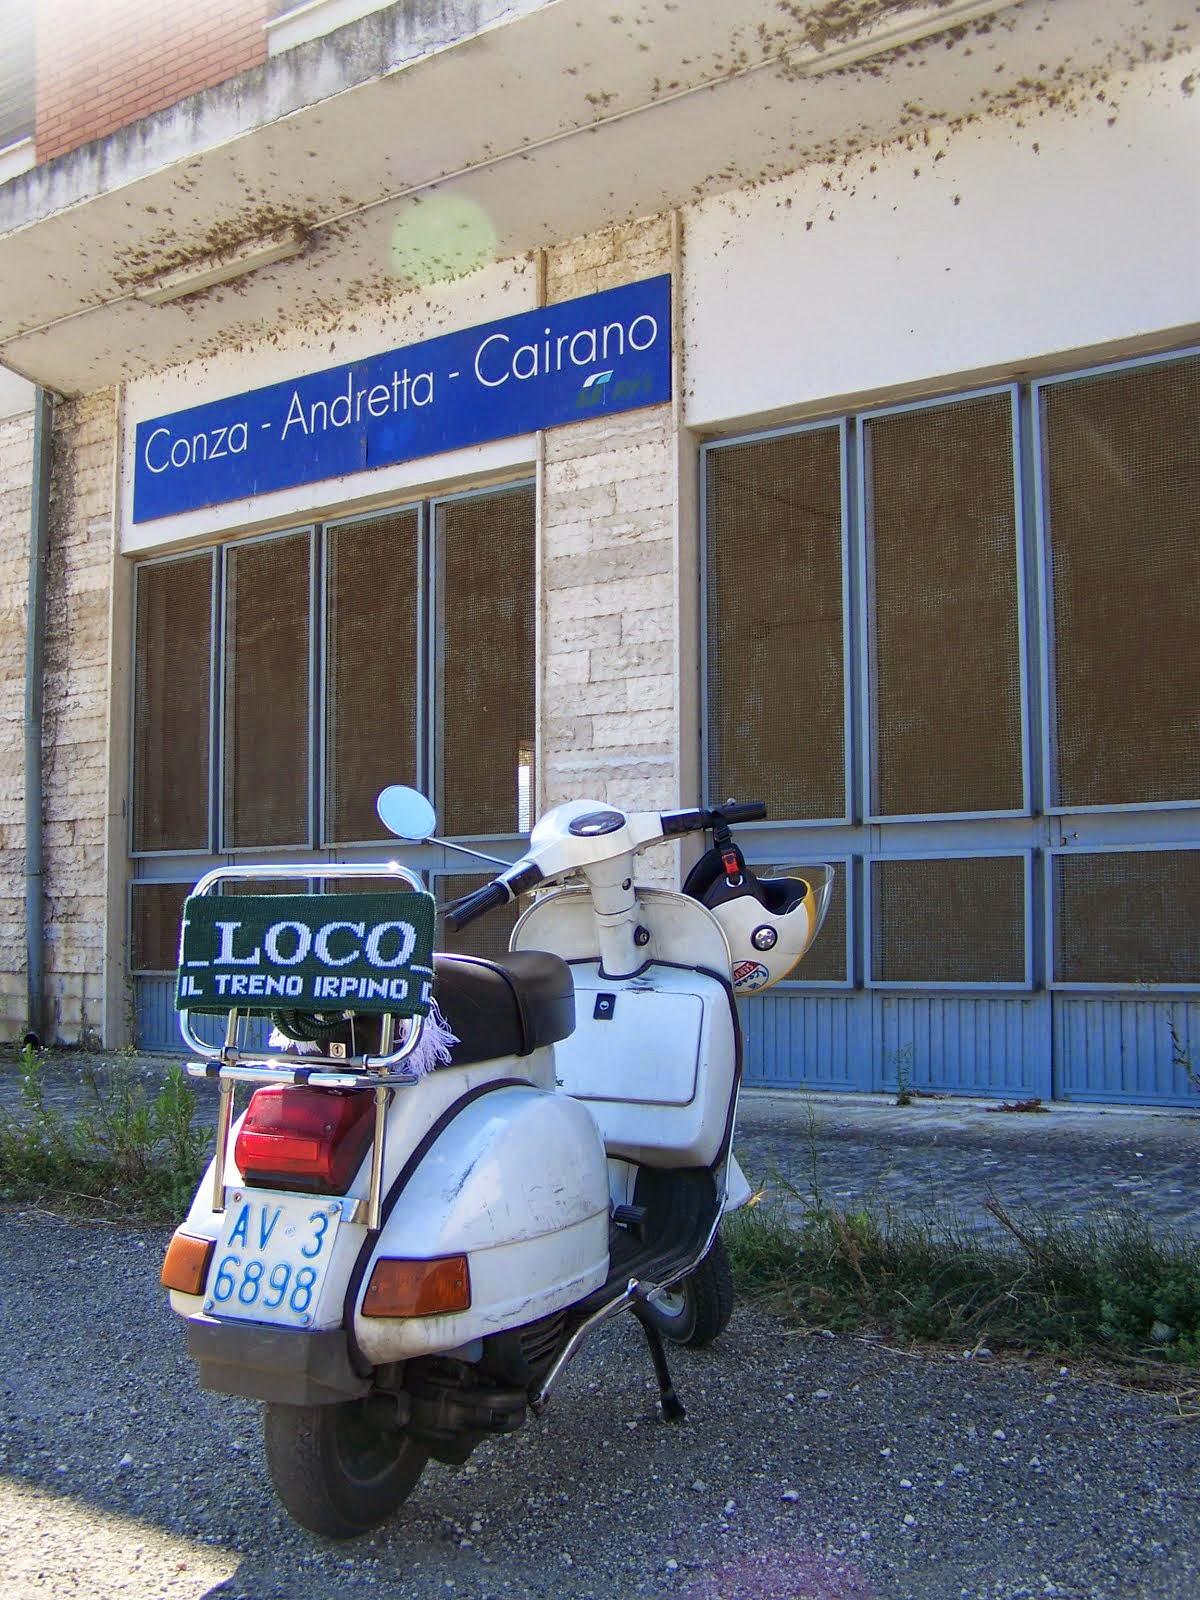 Alla stazione di Conza-Andretta-Cairano.